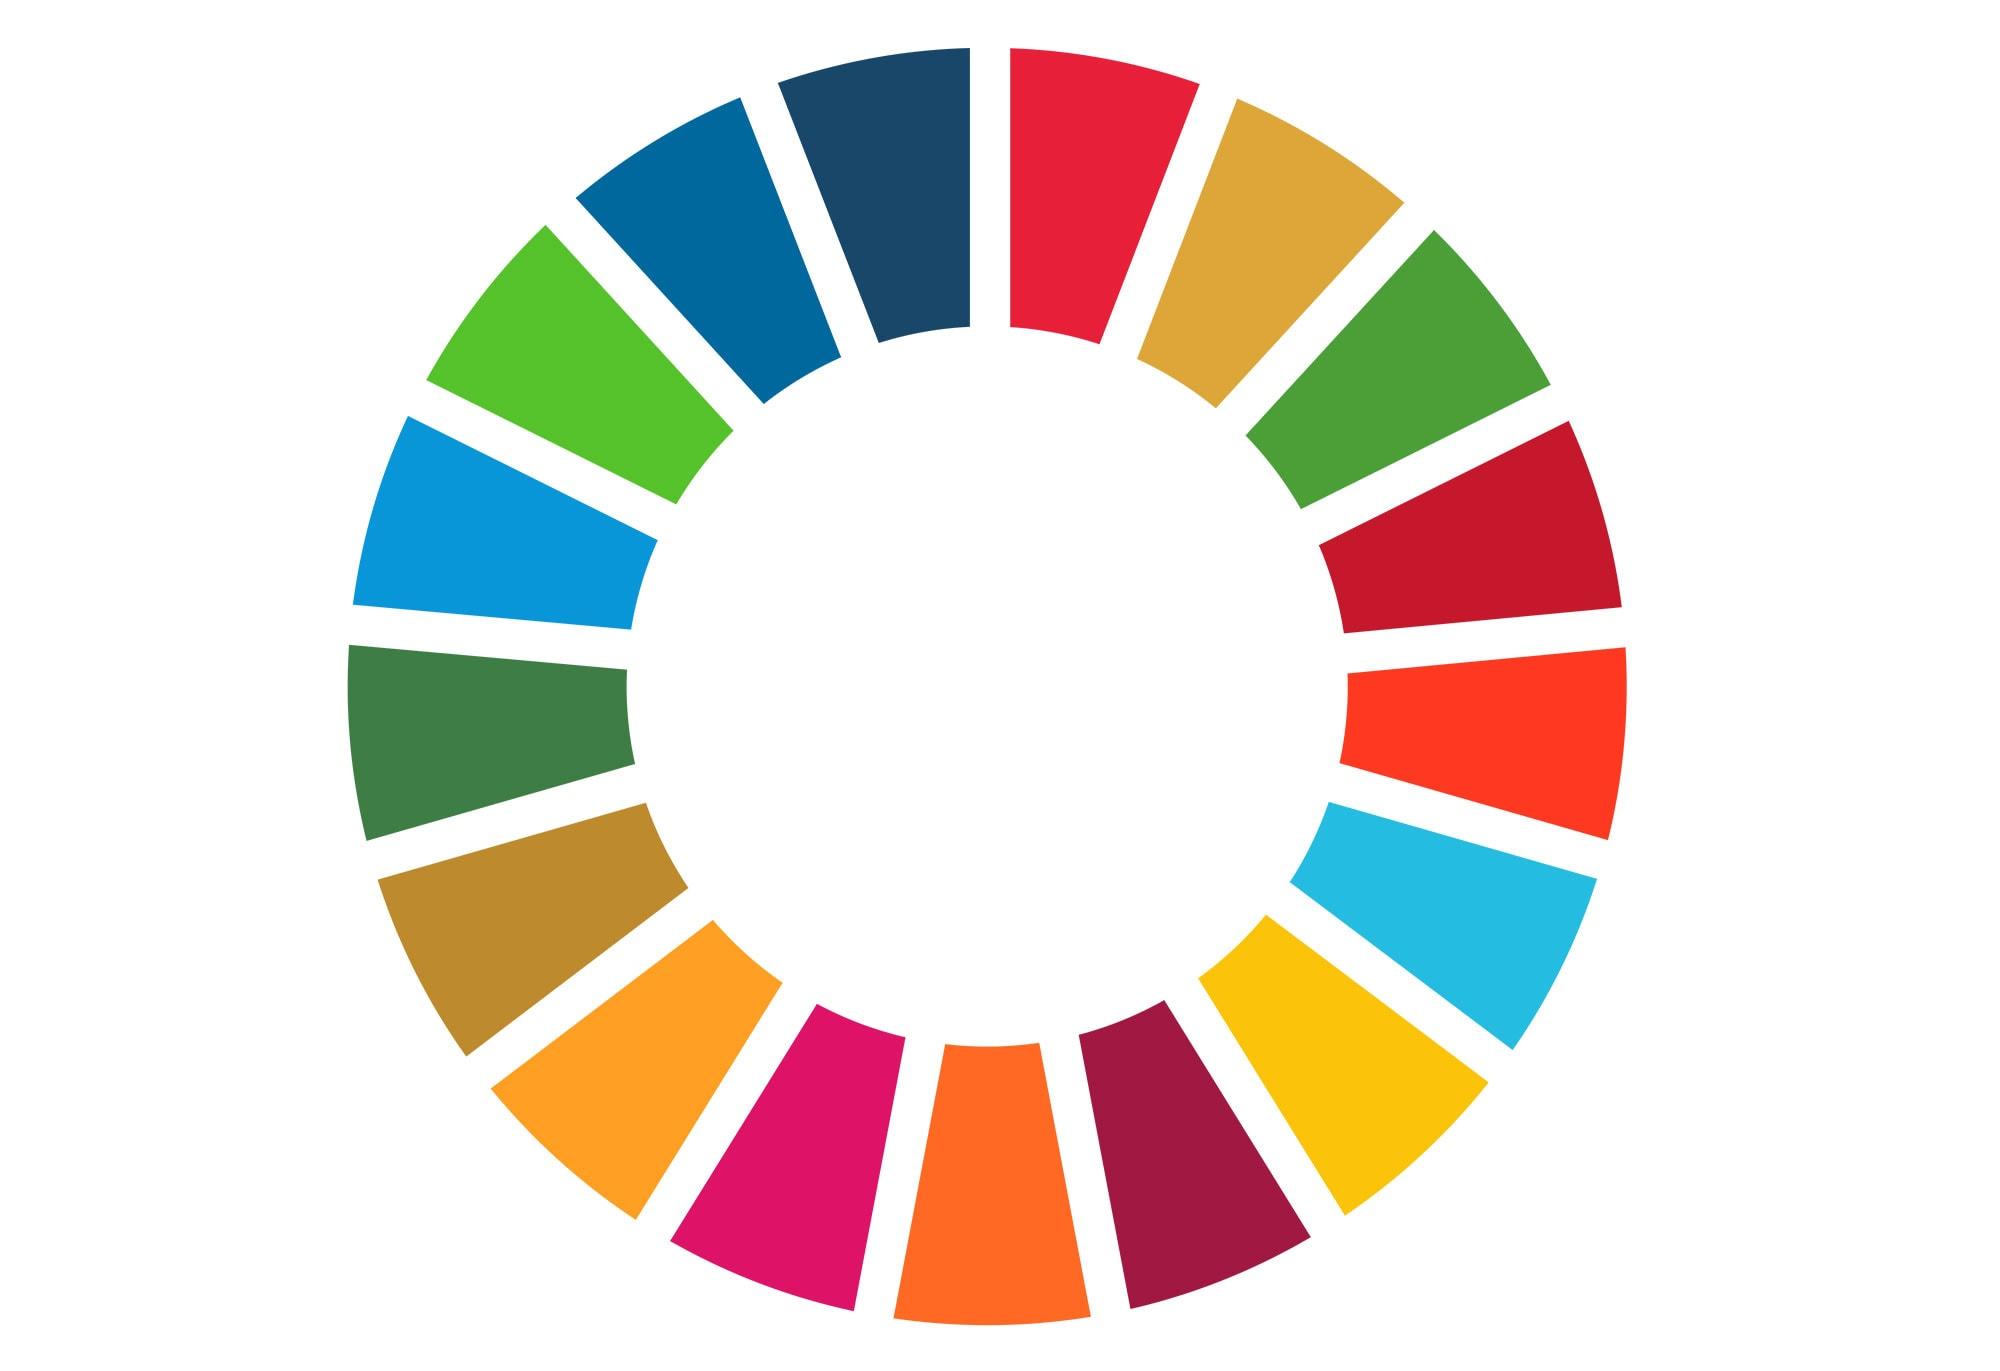 Glas civilne družbe izgubljen v vladnem poročilu o trajnostnem razvoju